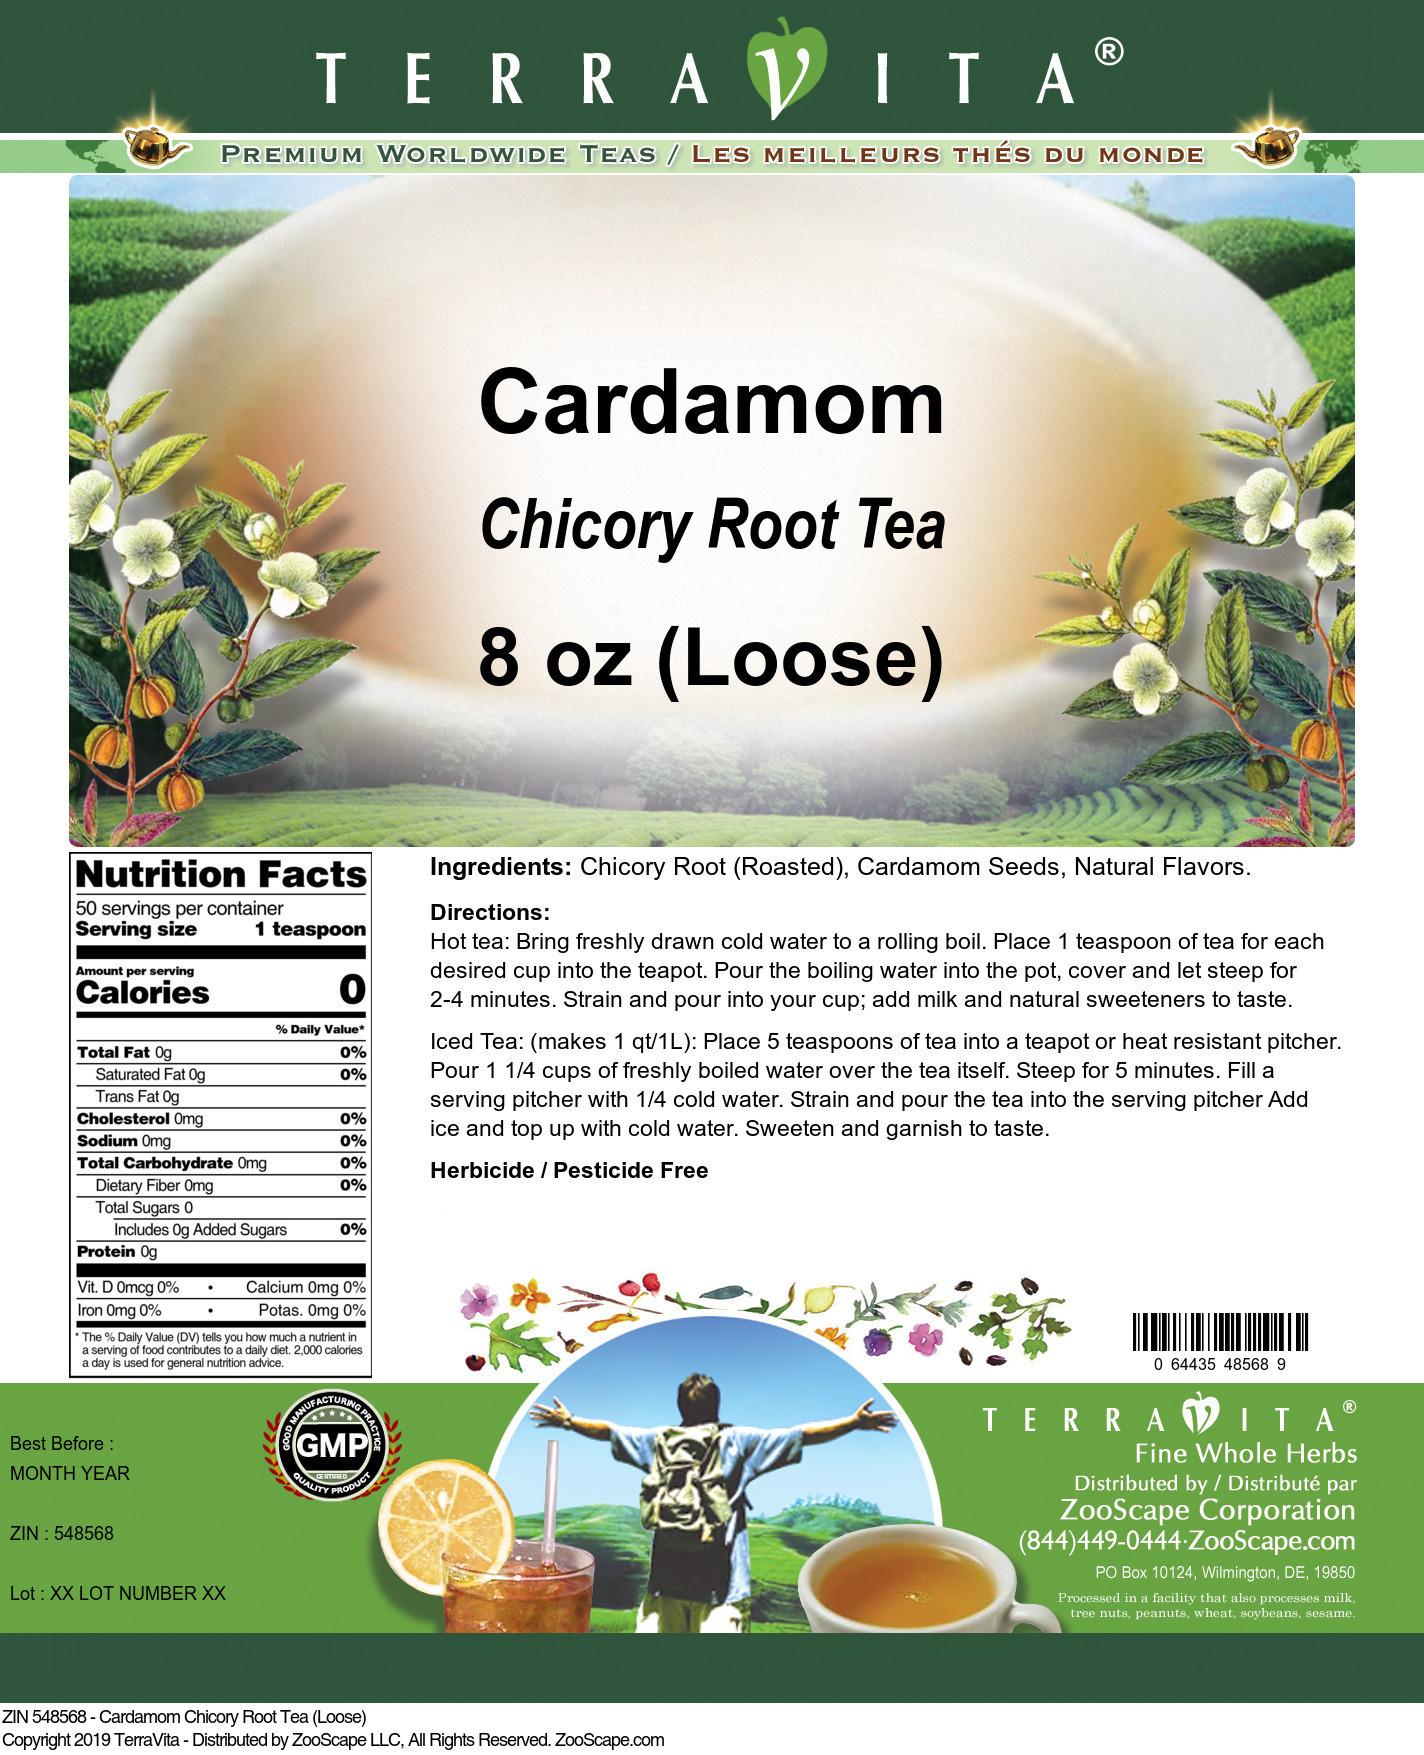 Cardamom Chicory Root